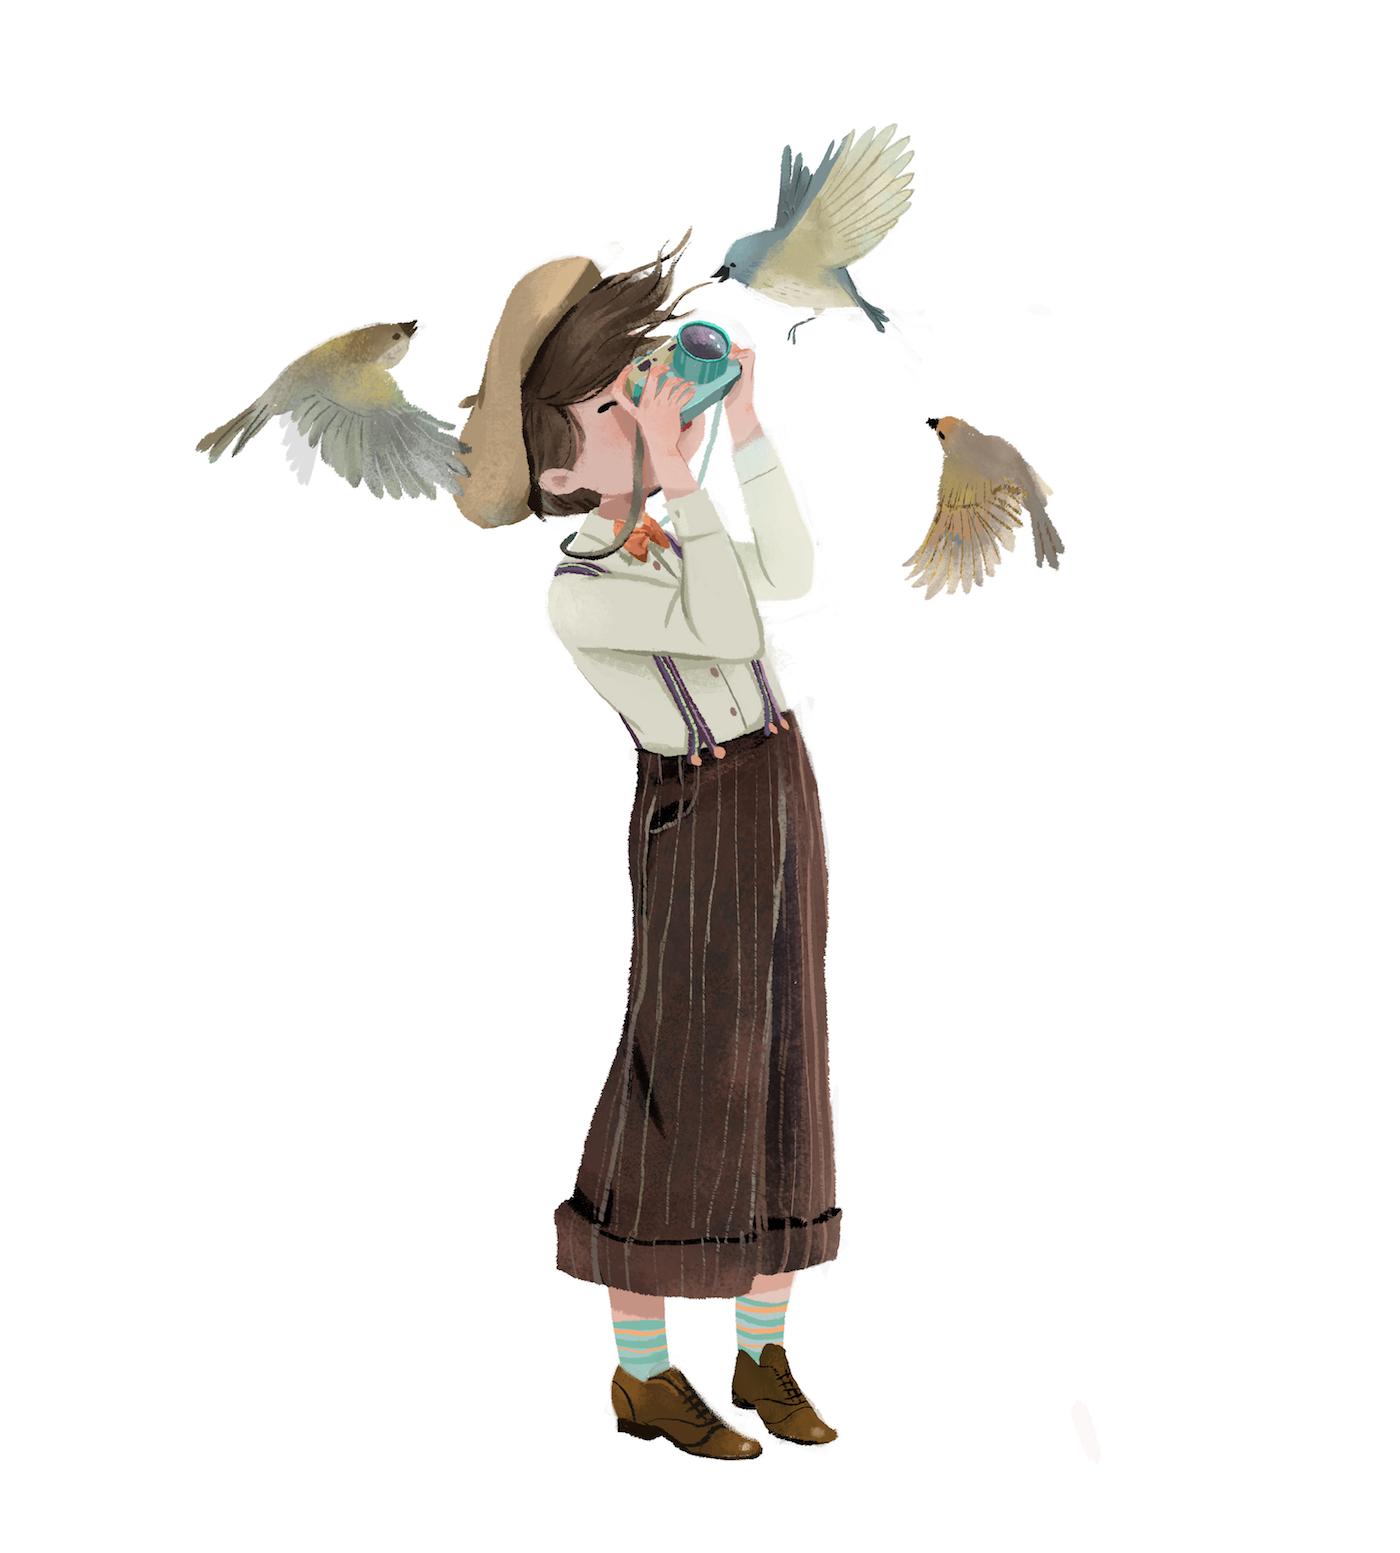 娱乐资讯_越南插画师Dung Ho人物插画欣赏 - 视觉同盟(VisionUnion.com)